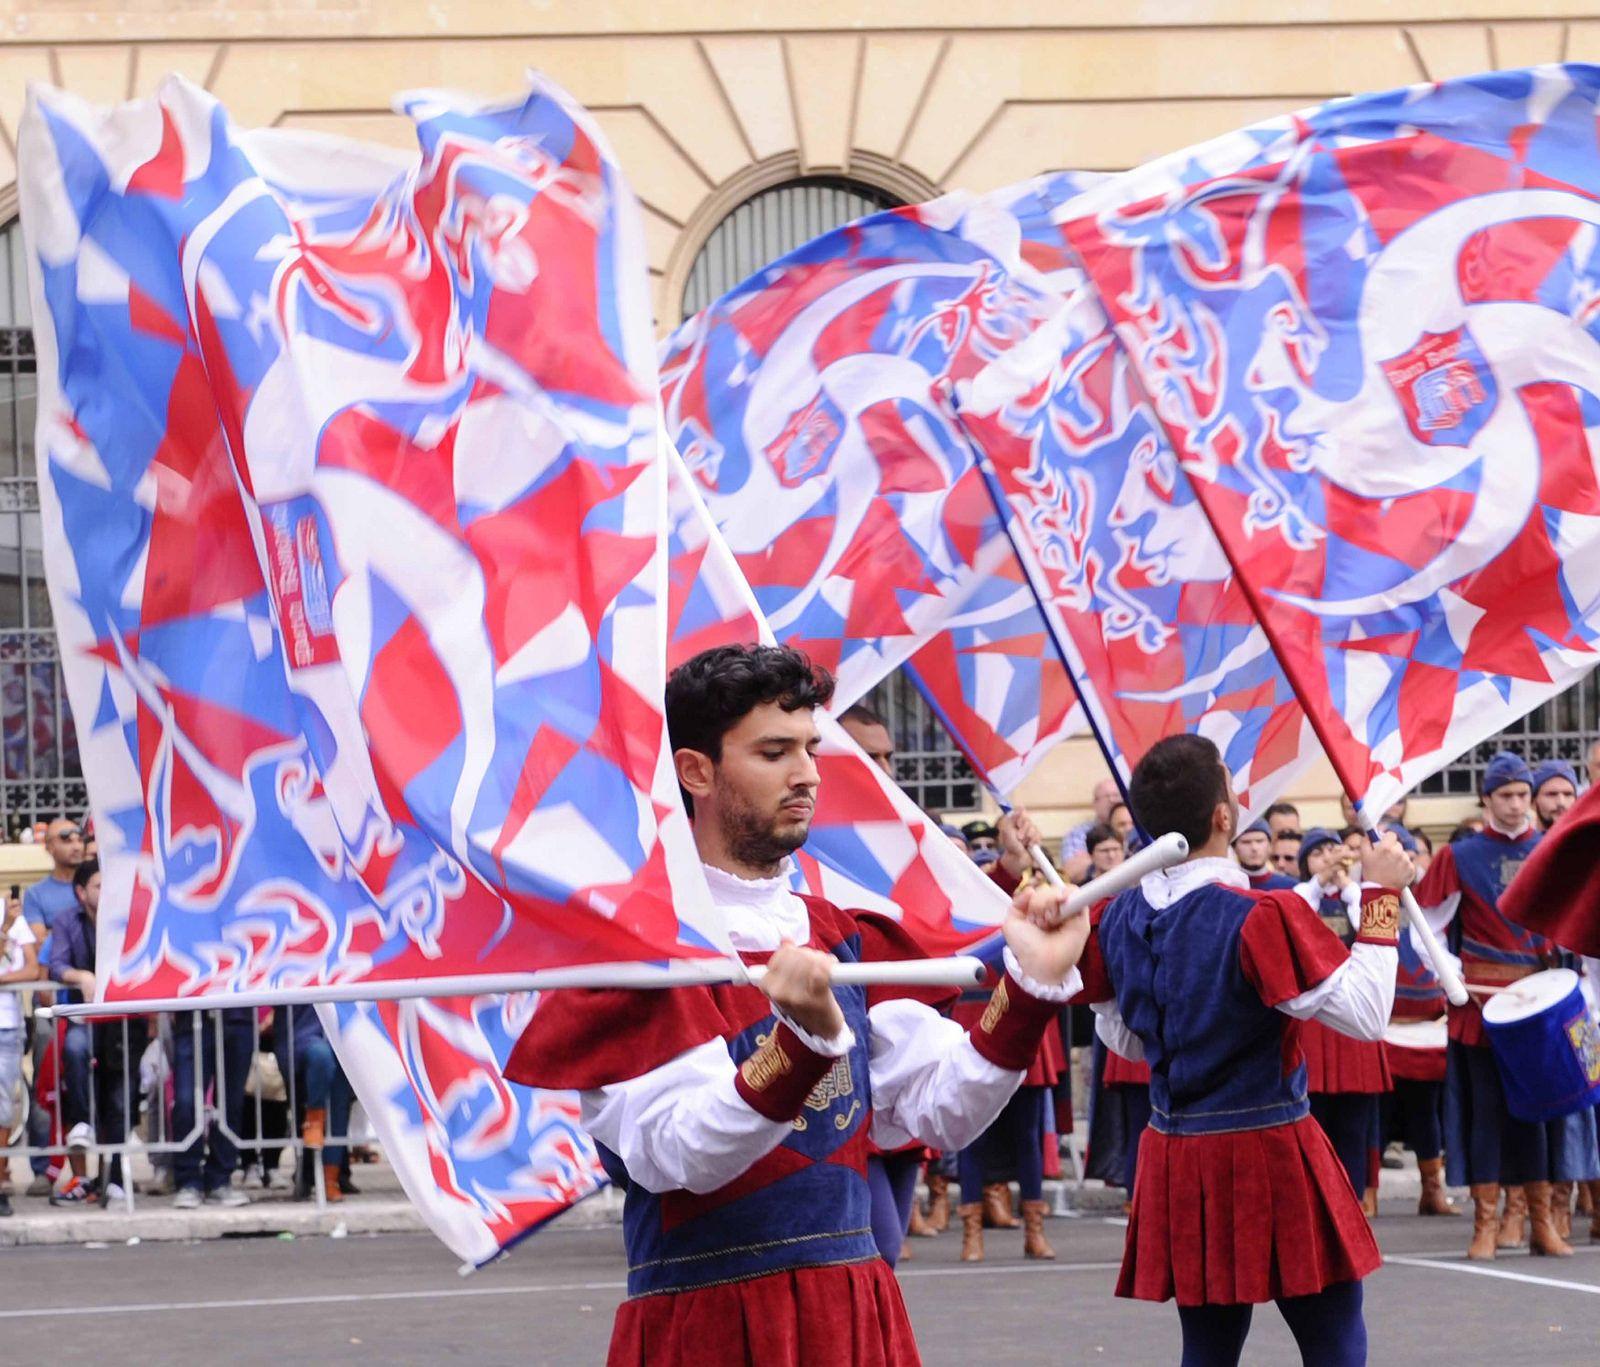 LECCE TENZONE AUREA 2014 - 06 SETTEMBRE - CAMPIONATI NAZIONALI SBANDIERATORI E MUSICI QUALIFICAZIONI SPECIALITA' GRANDE SQUADRA E MUSICI - SESTIERE PORTA ROMANA ASCOLI PICENO